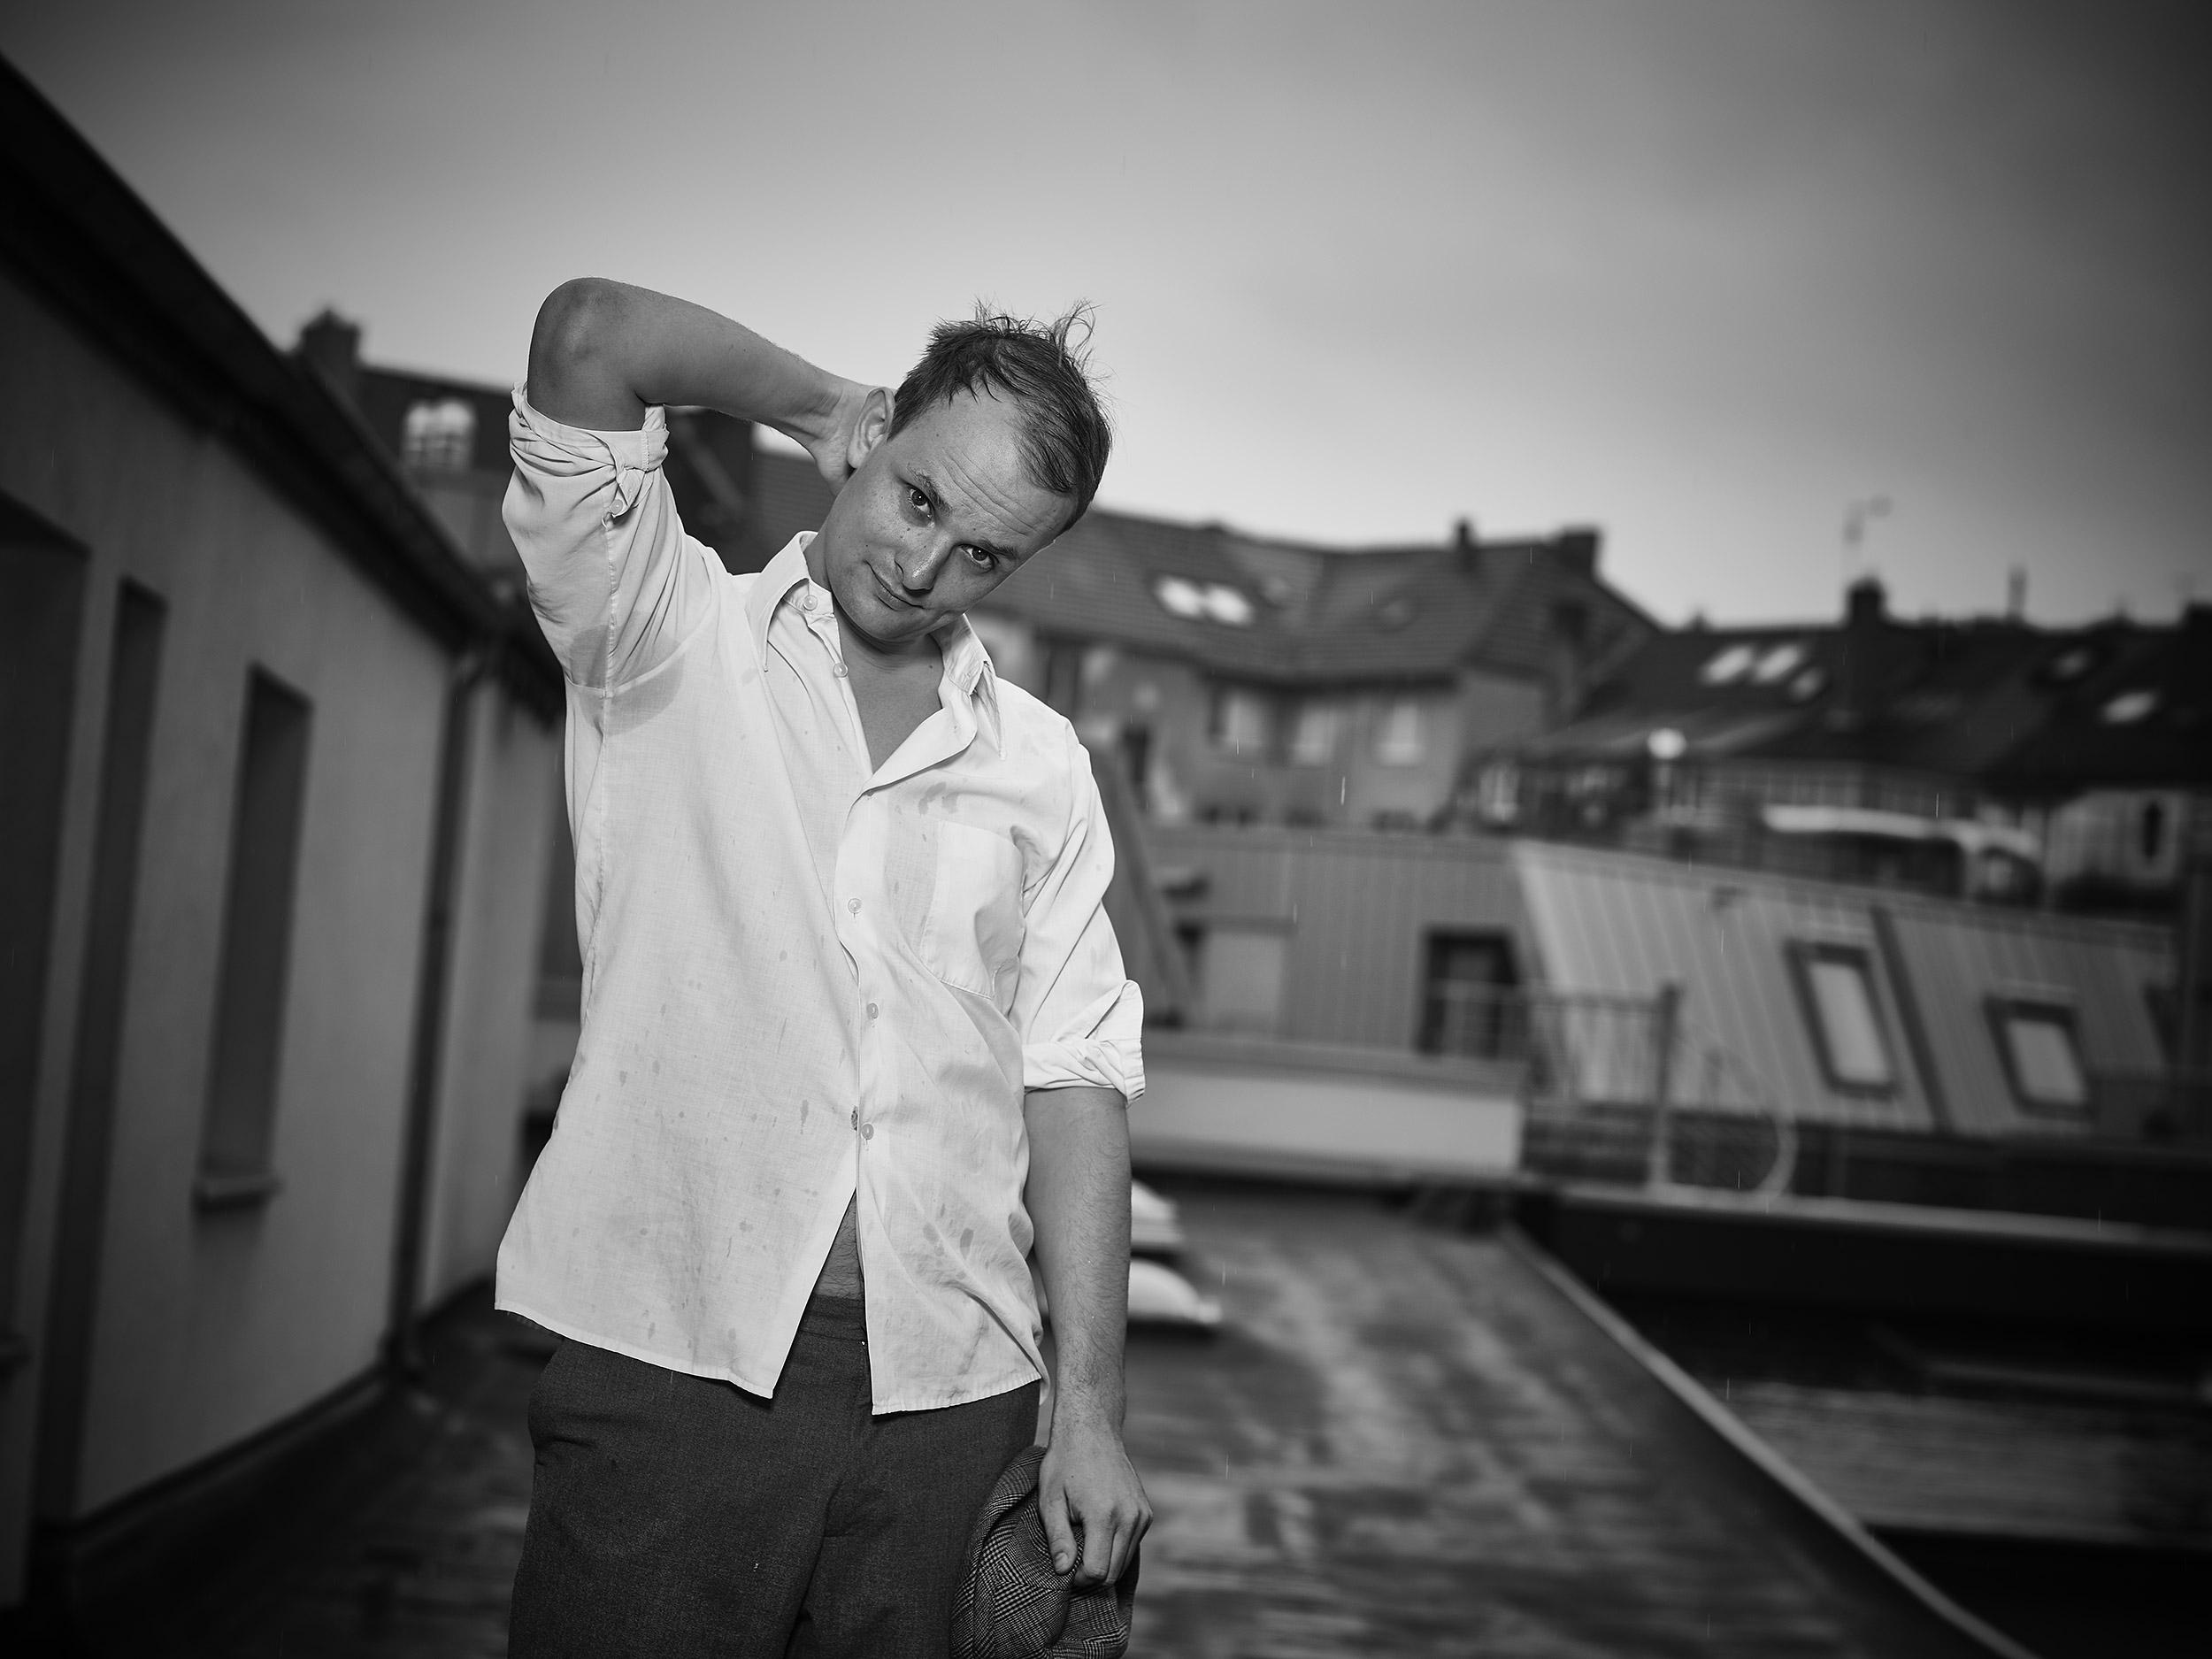 Junger Mann, ca. 30, steht im Regen dreckig auf einem Hinterhofdach. Porträt in schwarz weiß. Halbkörper. Mann guckt komisch aus dem Bild. Regen auf einem Dach im Hintergrund. Er trägt ein weisses Hemd. Man sieht Schweißflecken unter den Armen.